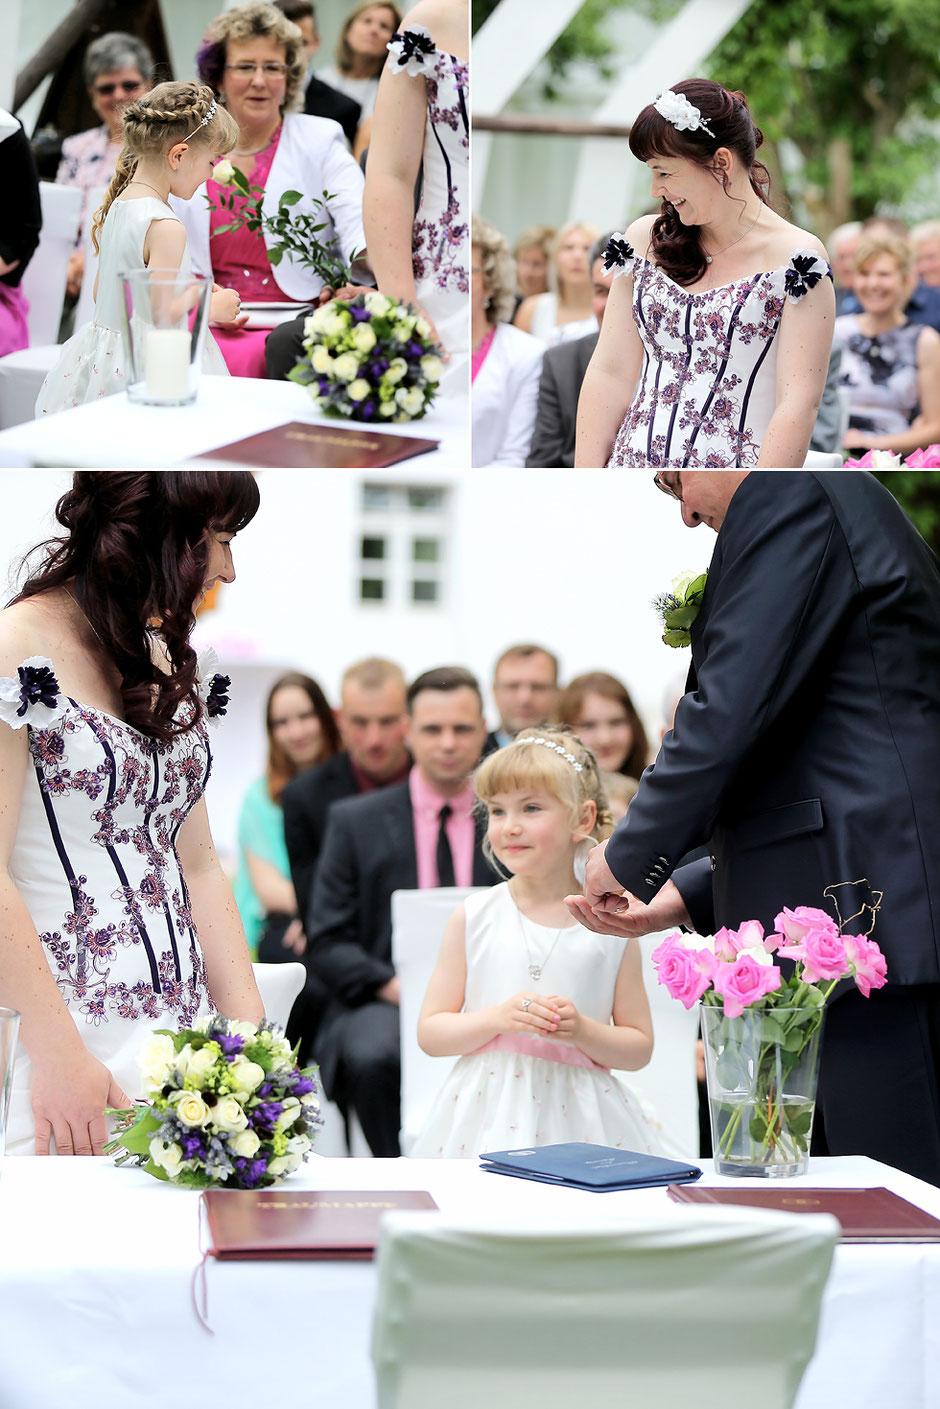 Eheschließung Schmiedelandhaus Greifendorf, Trauringe, hochzeitsfotograf Erzgebirge, hochzeitsfotograf chemnitz